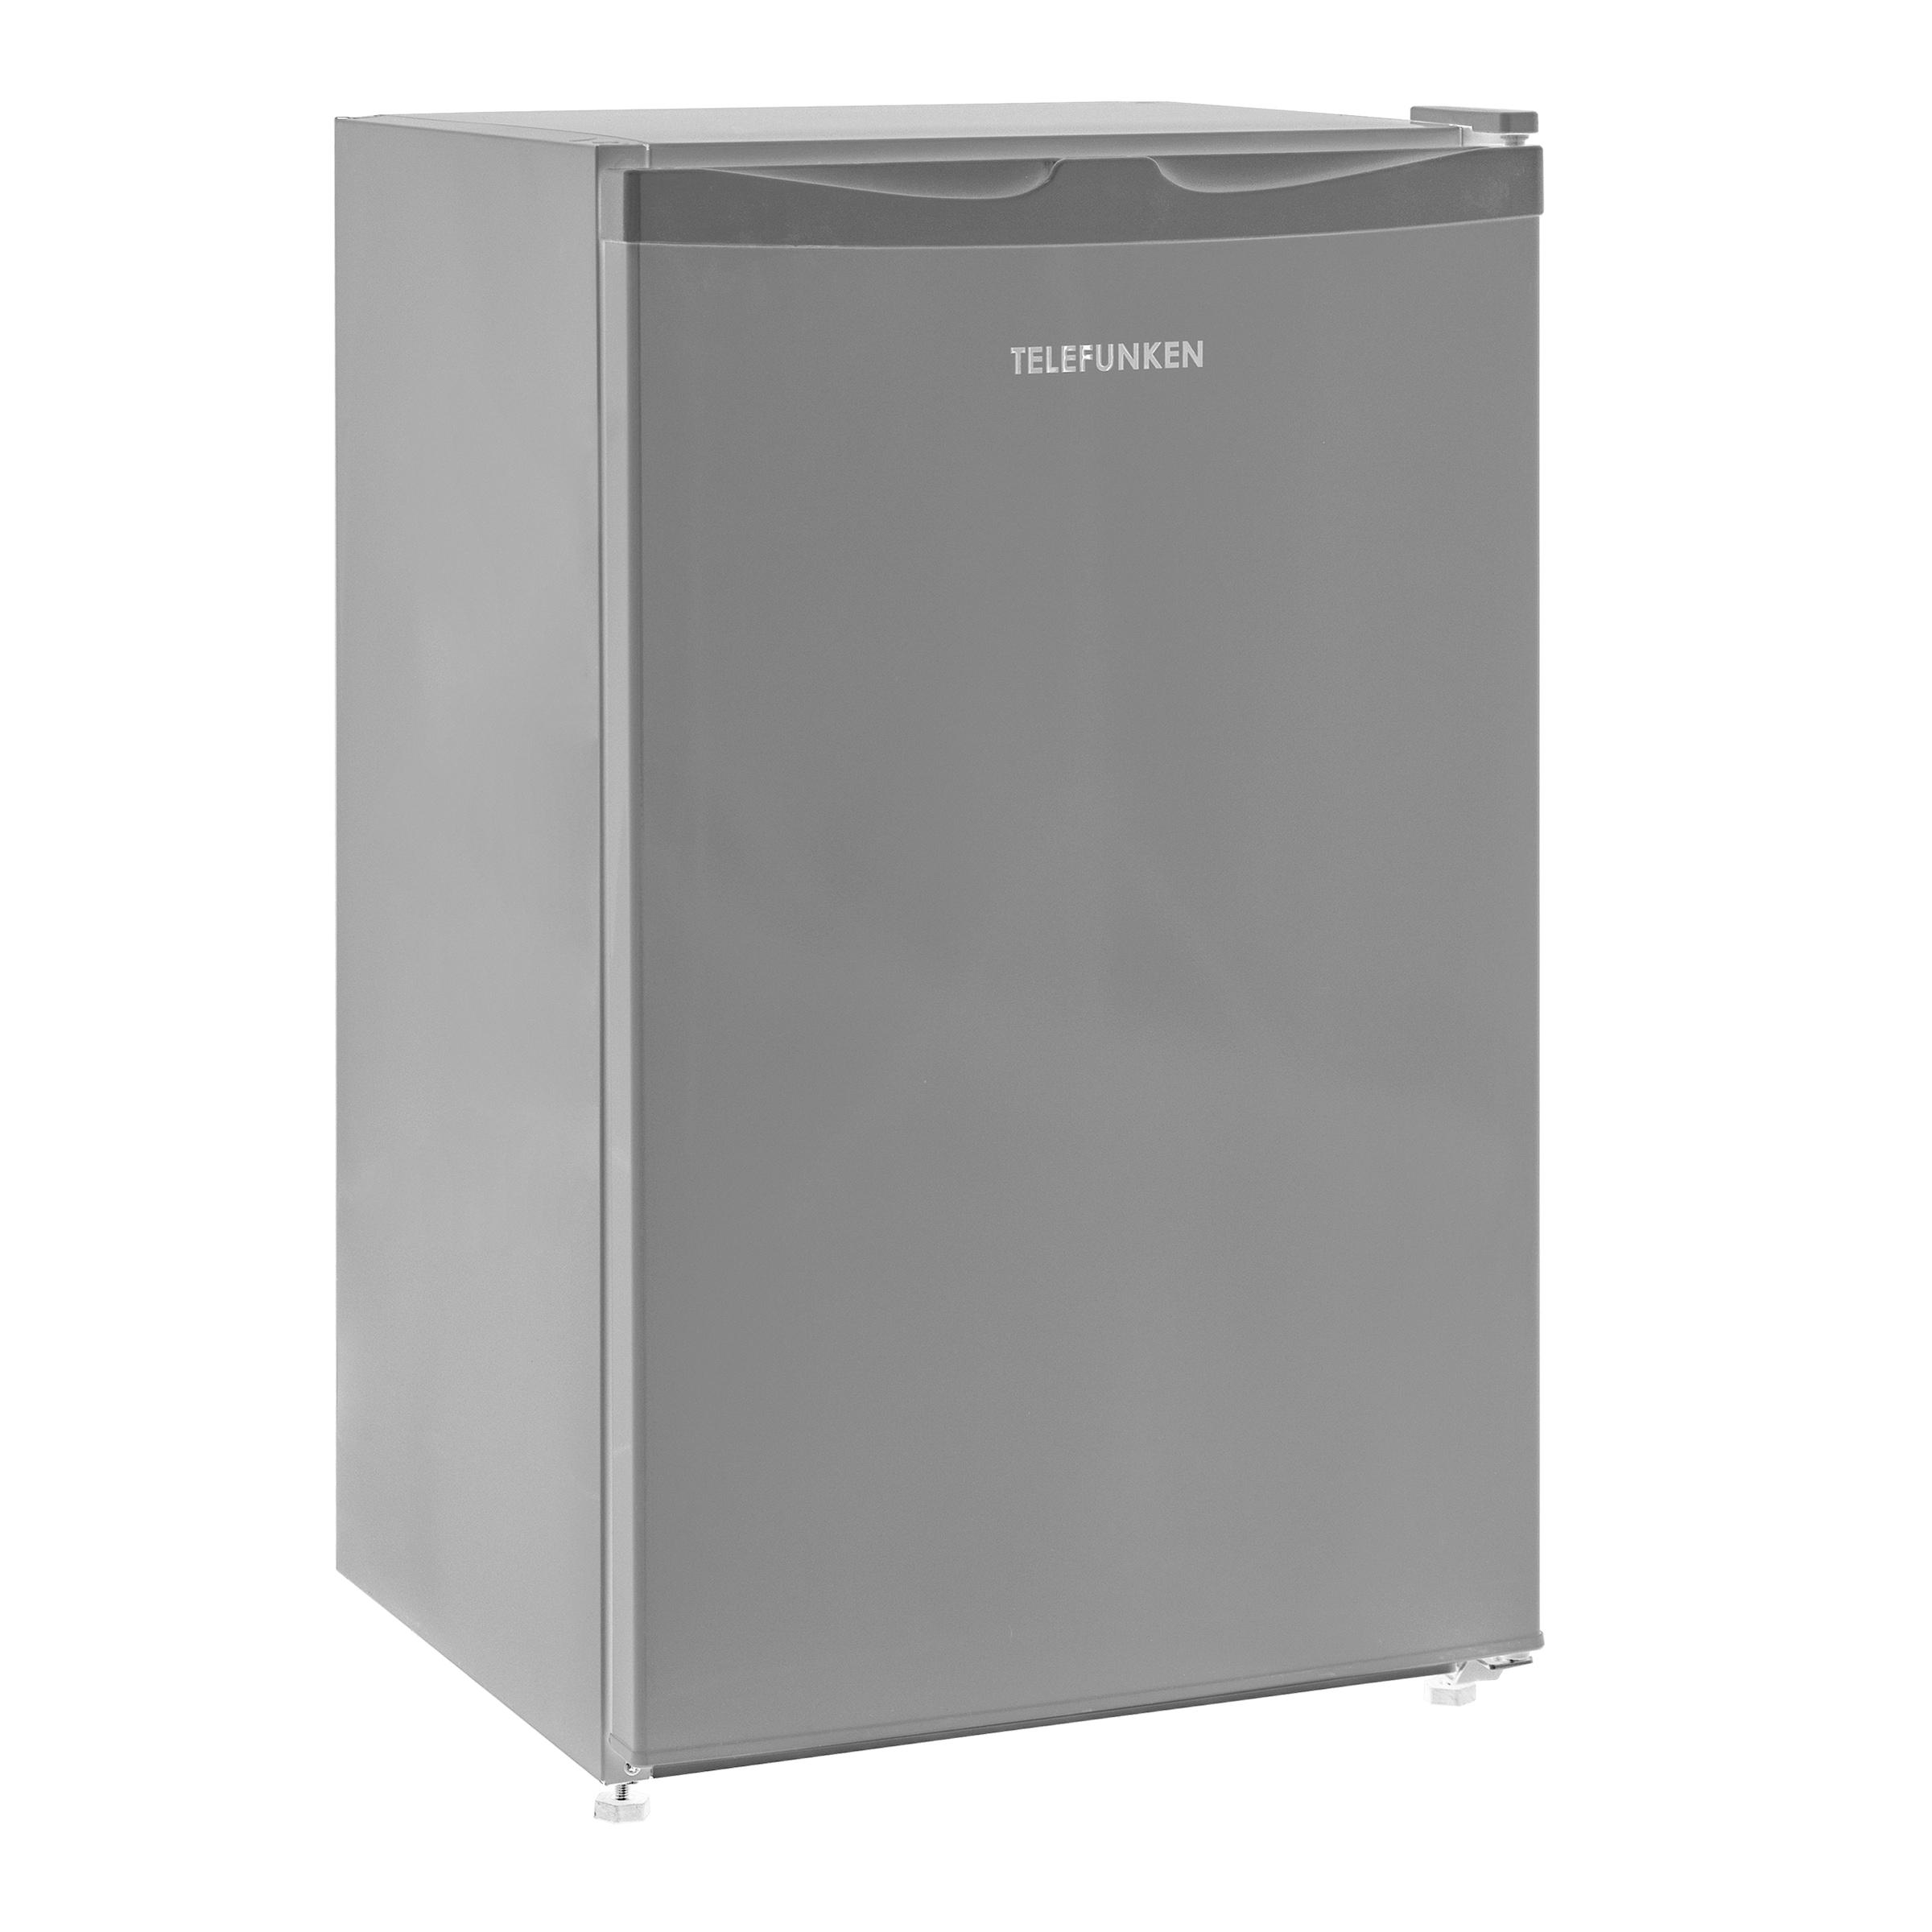 Kühlschrank Klein Ohne Gefrierfach : Kühlschränke ohne gefrierfach bei baur auf raten kaufen